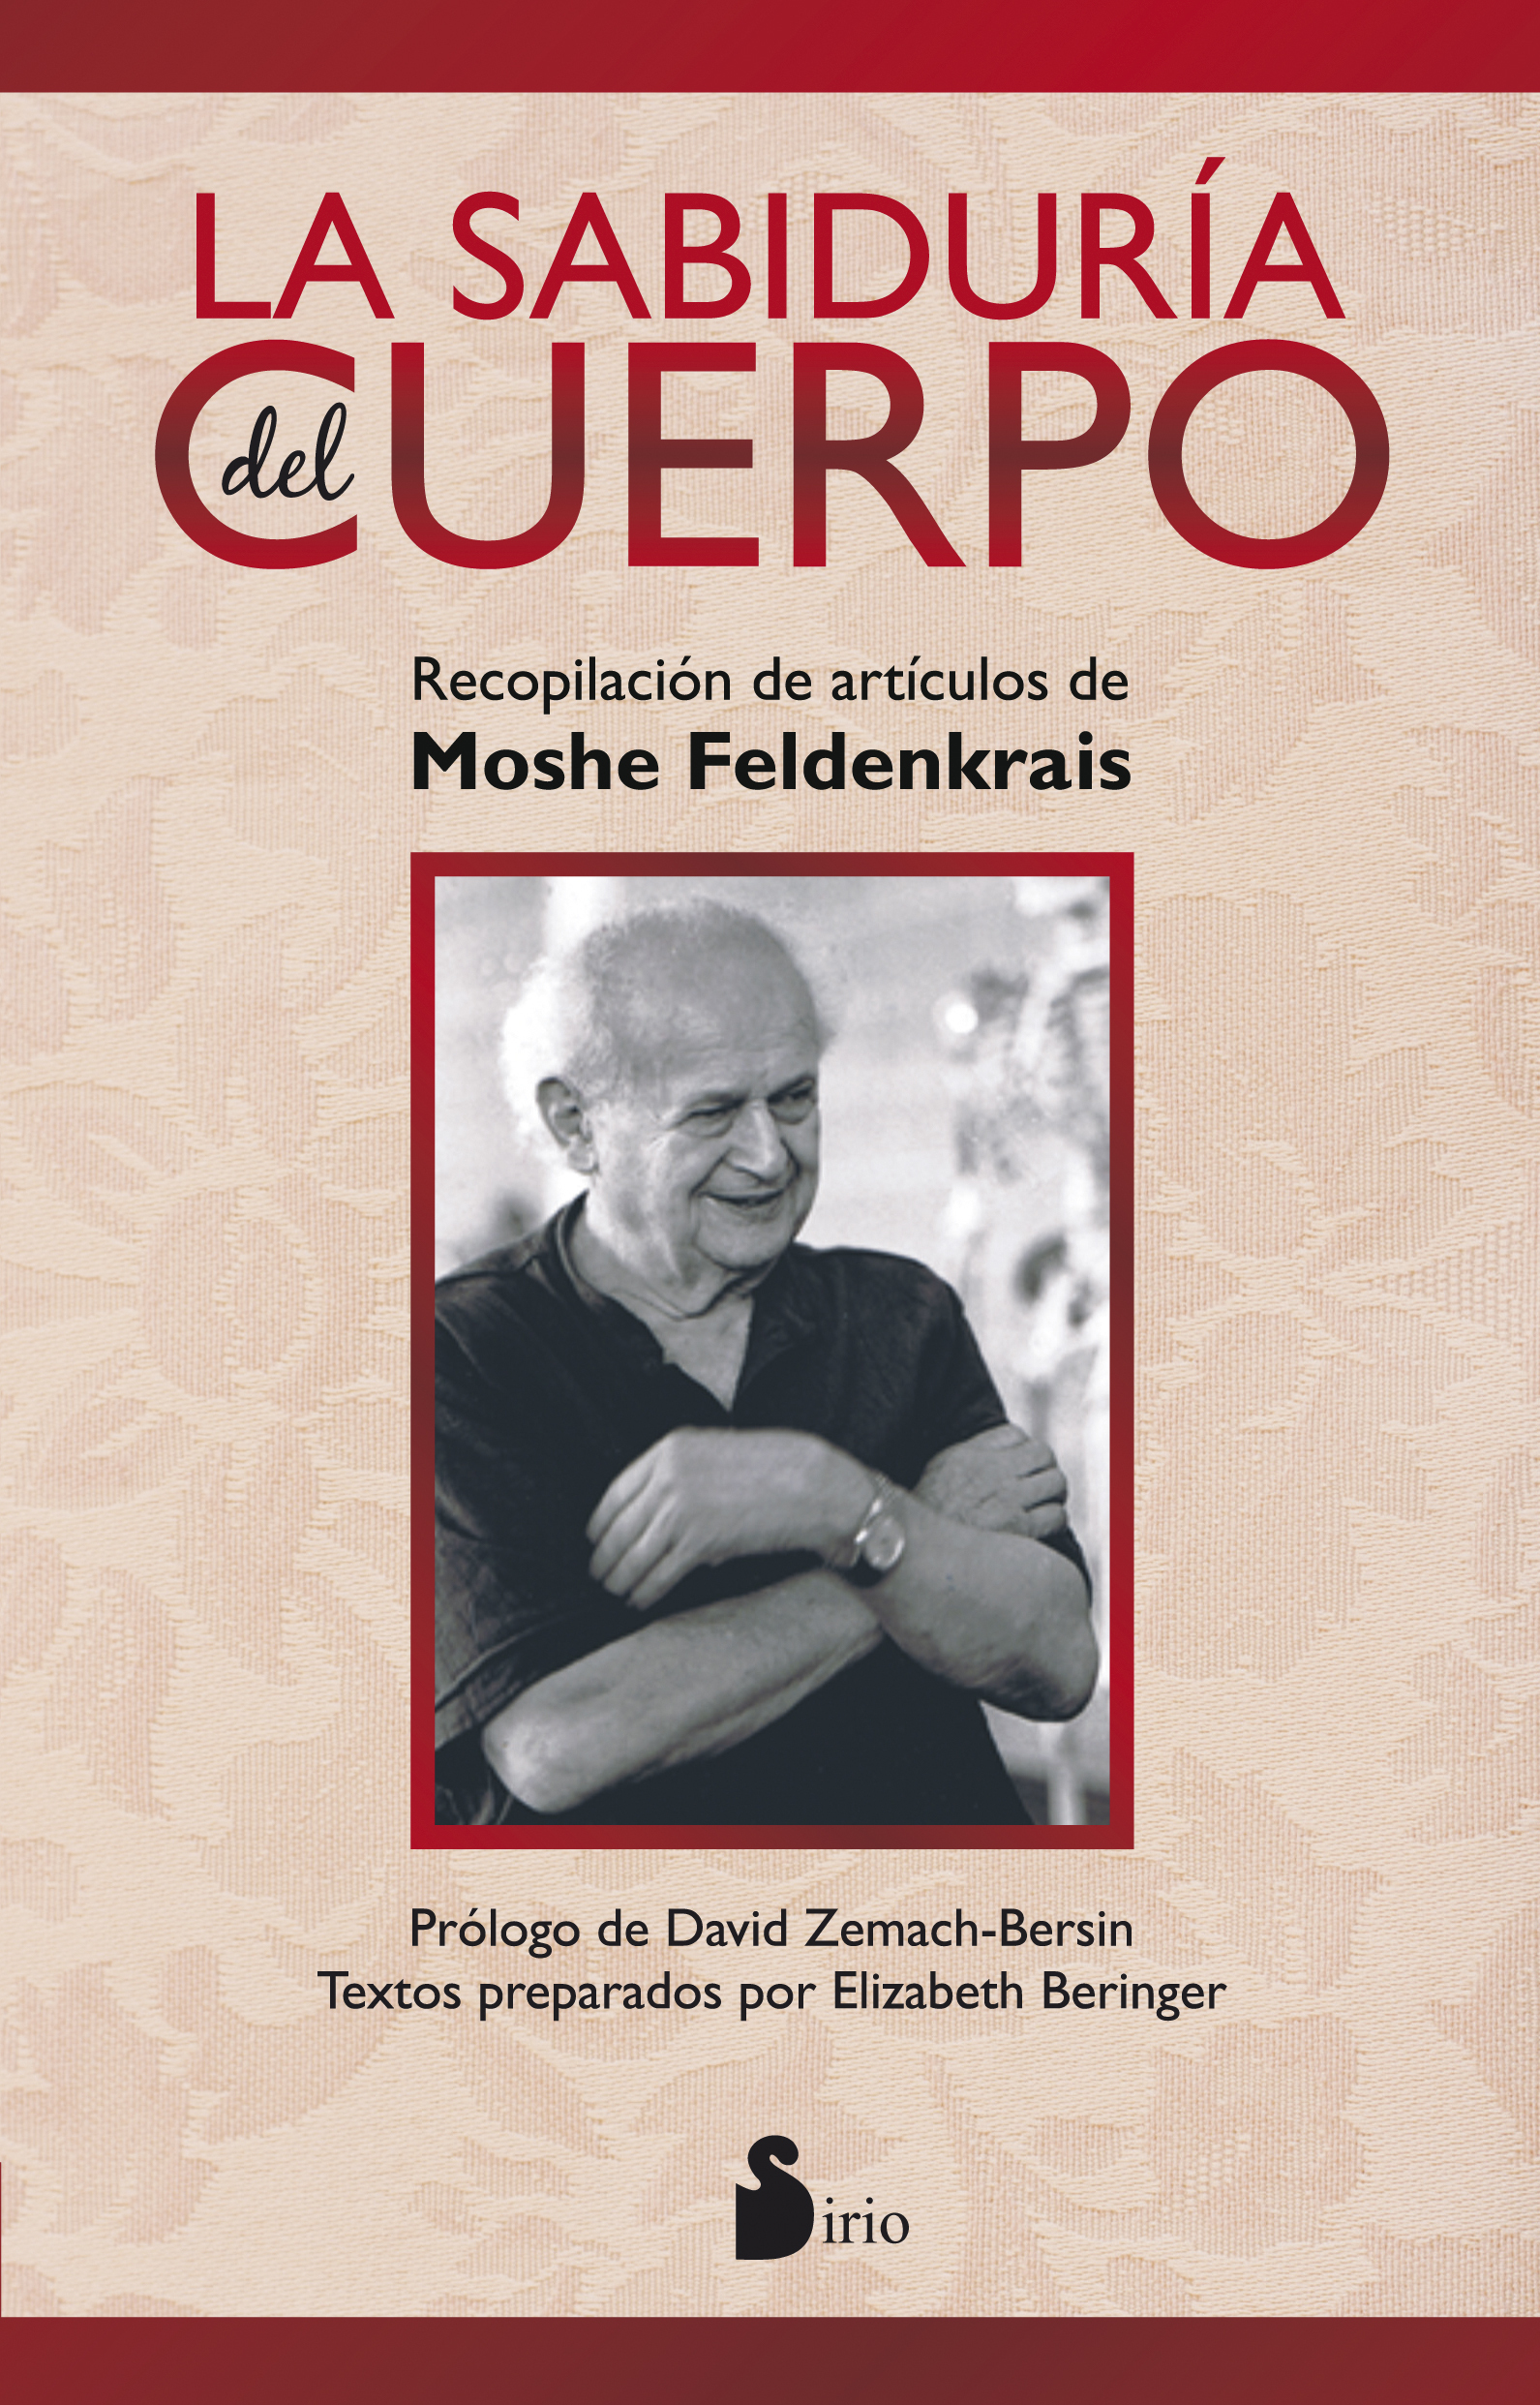 LA SABIDURÍA DEL CUERPO. RECOPILACIÓN DE ARTÍCULOS DE MOSHE FELDENKRAIS